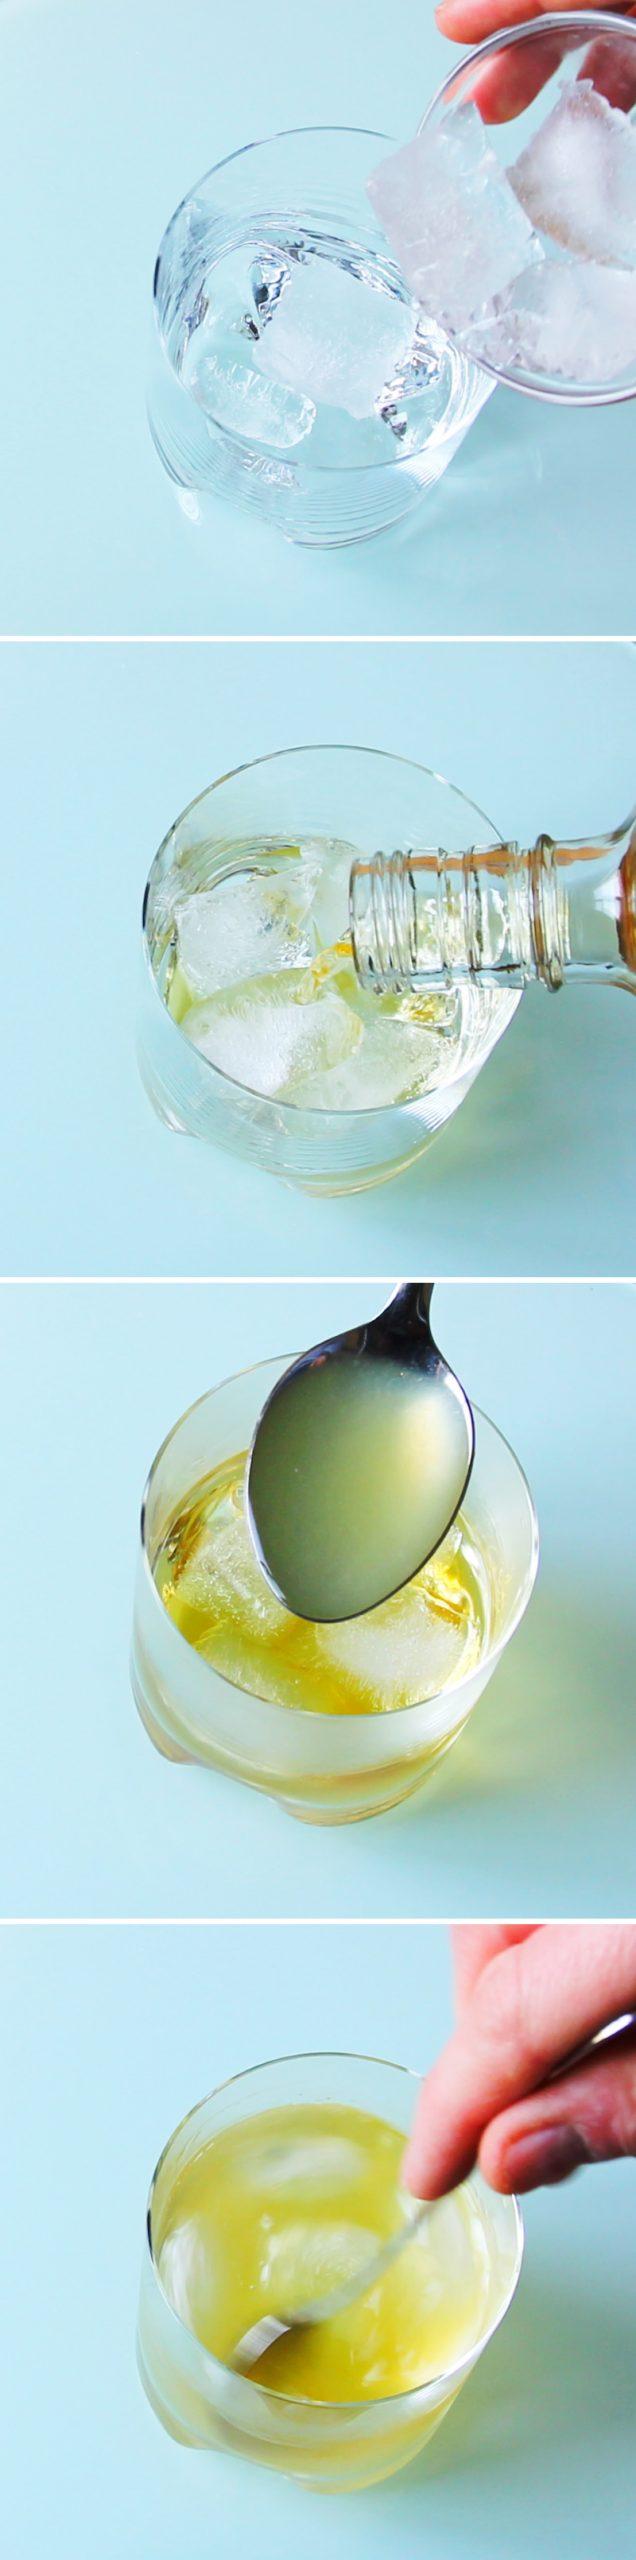 Whiskey Sour Schritt 4 Cocktail mixen